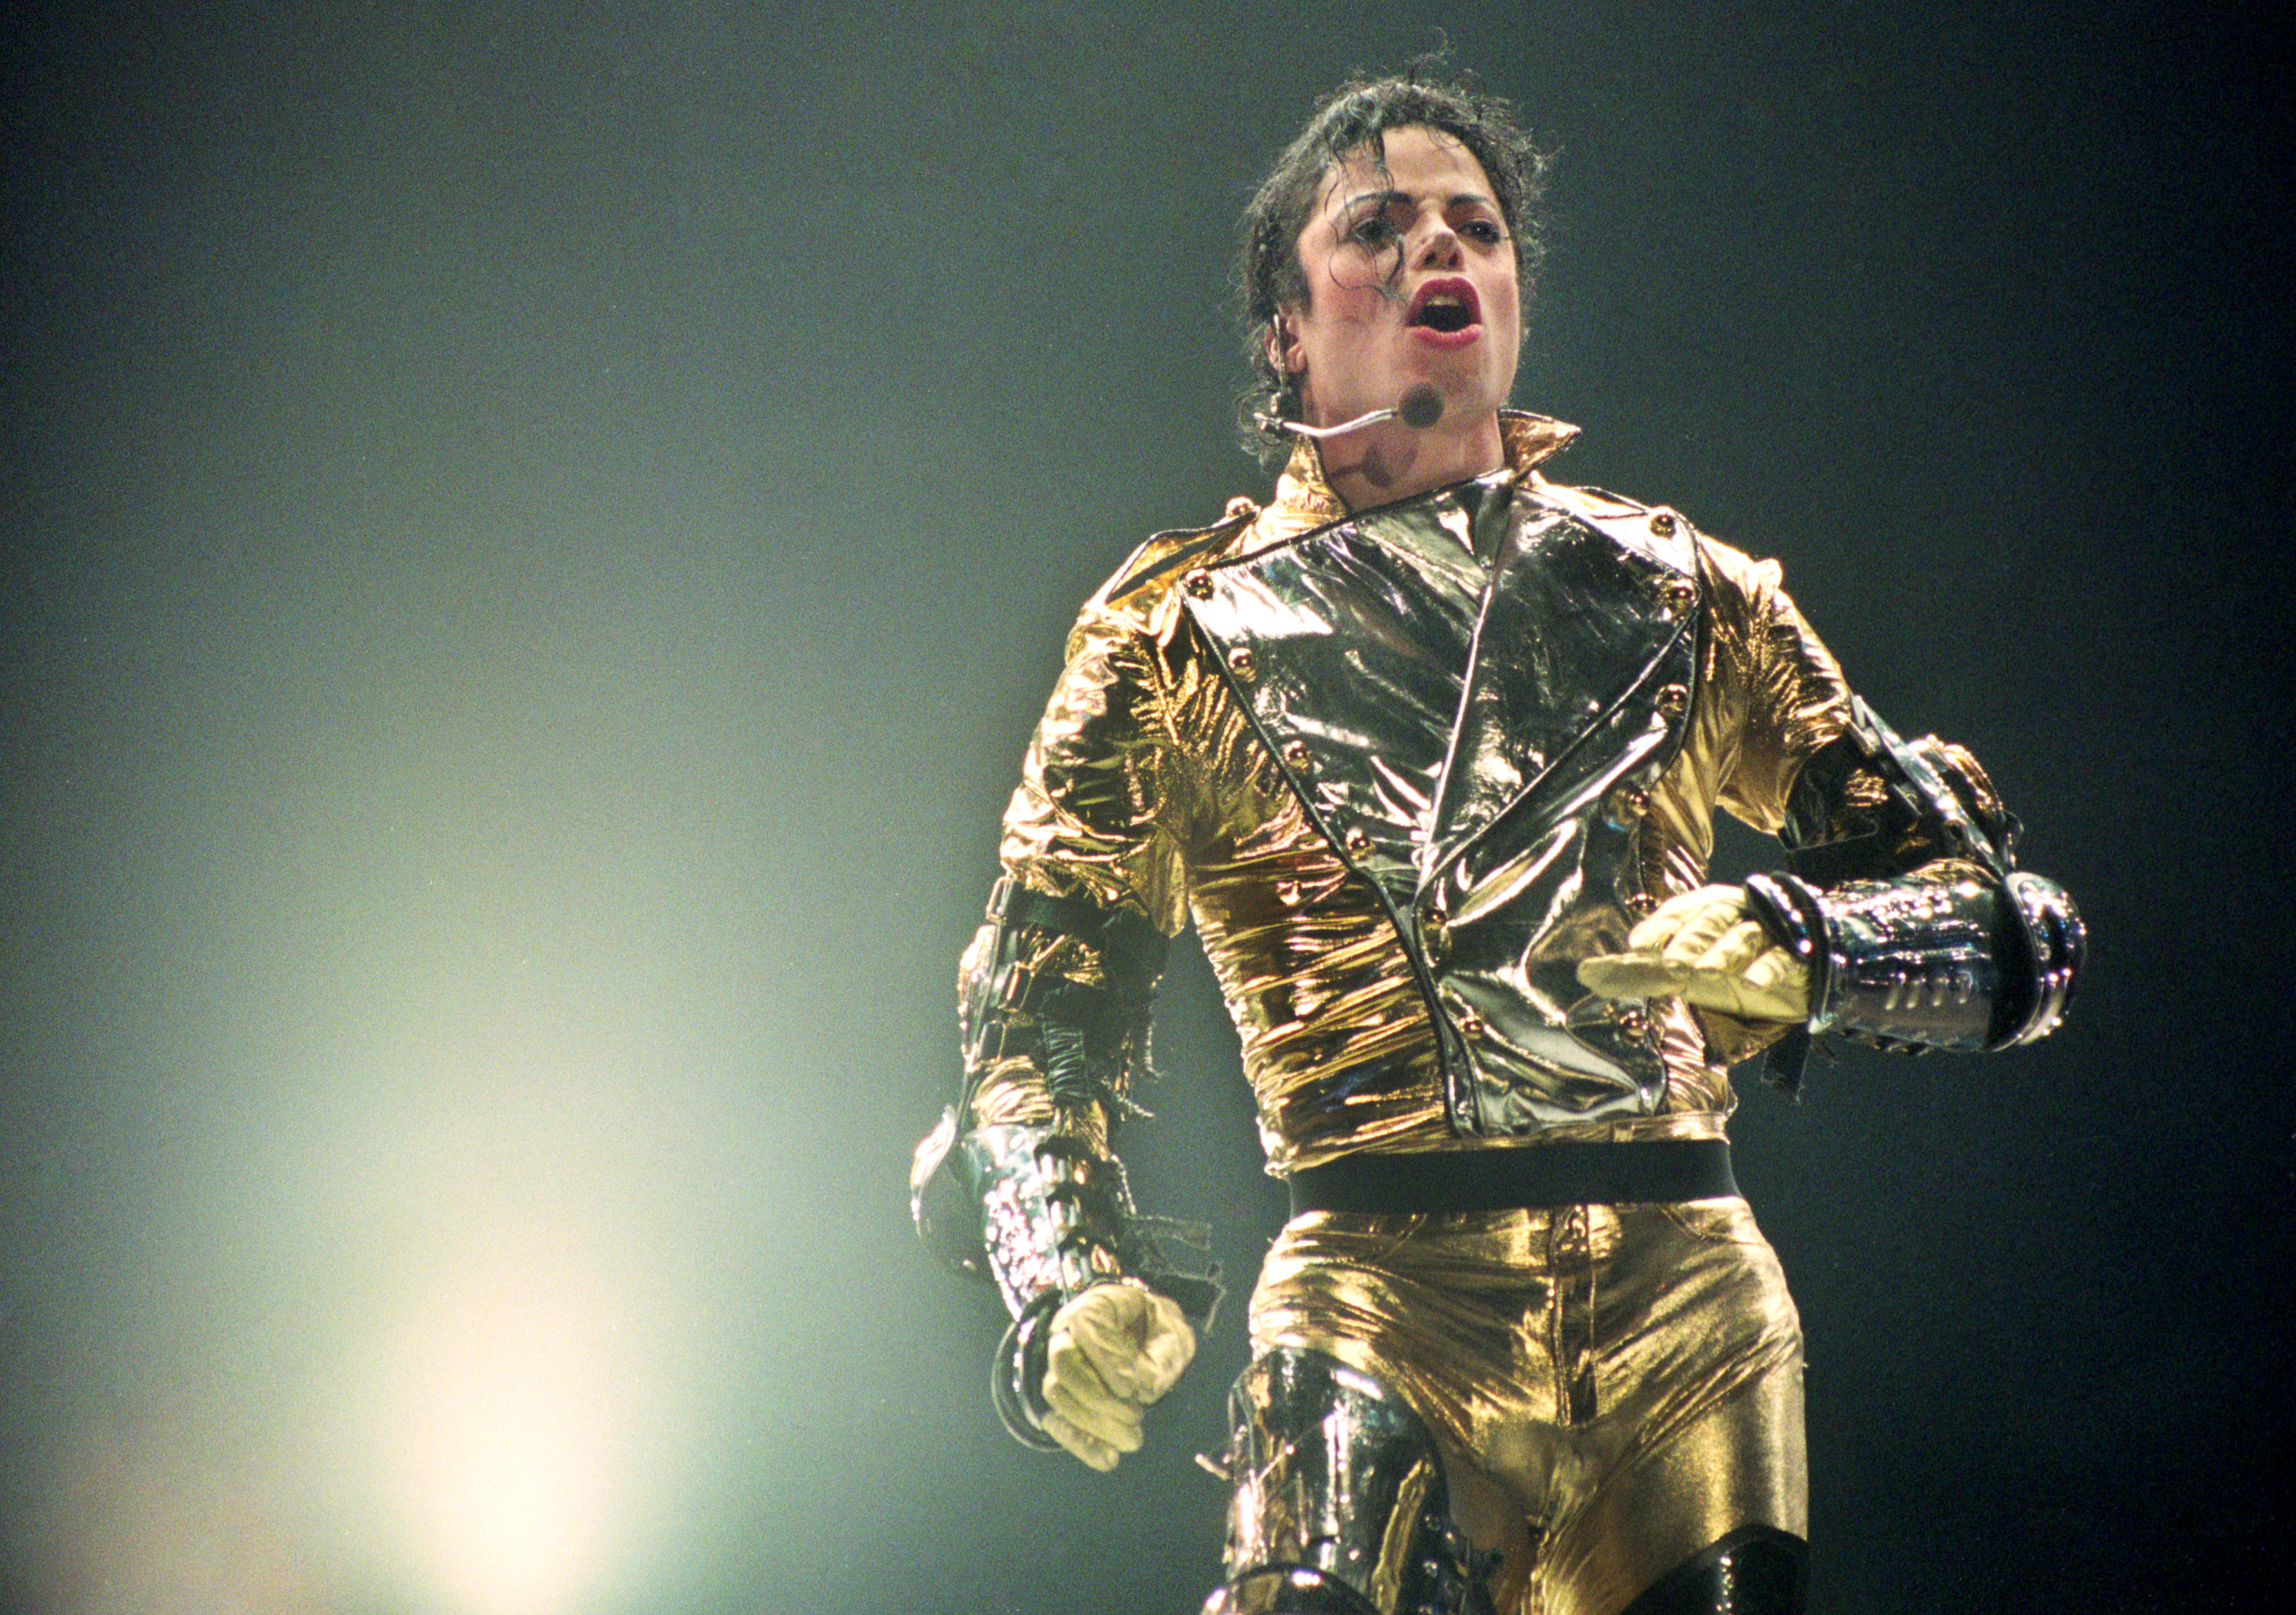 Las 5 mejores coreografías de Michael Jackson